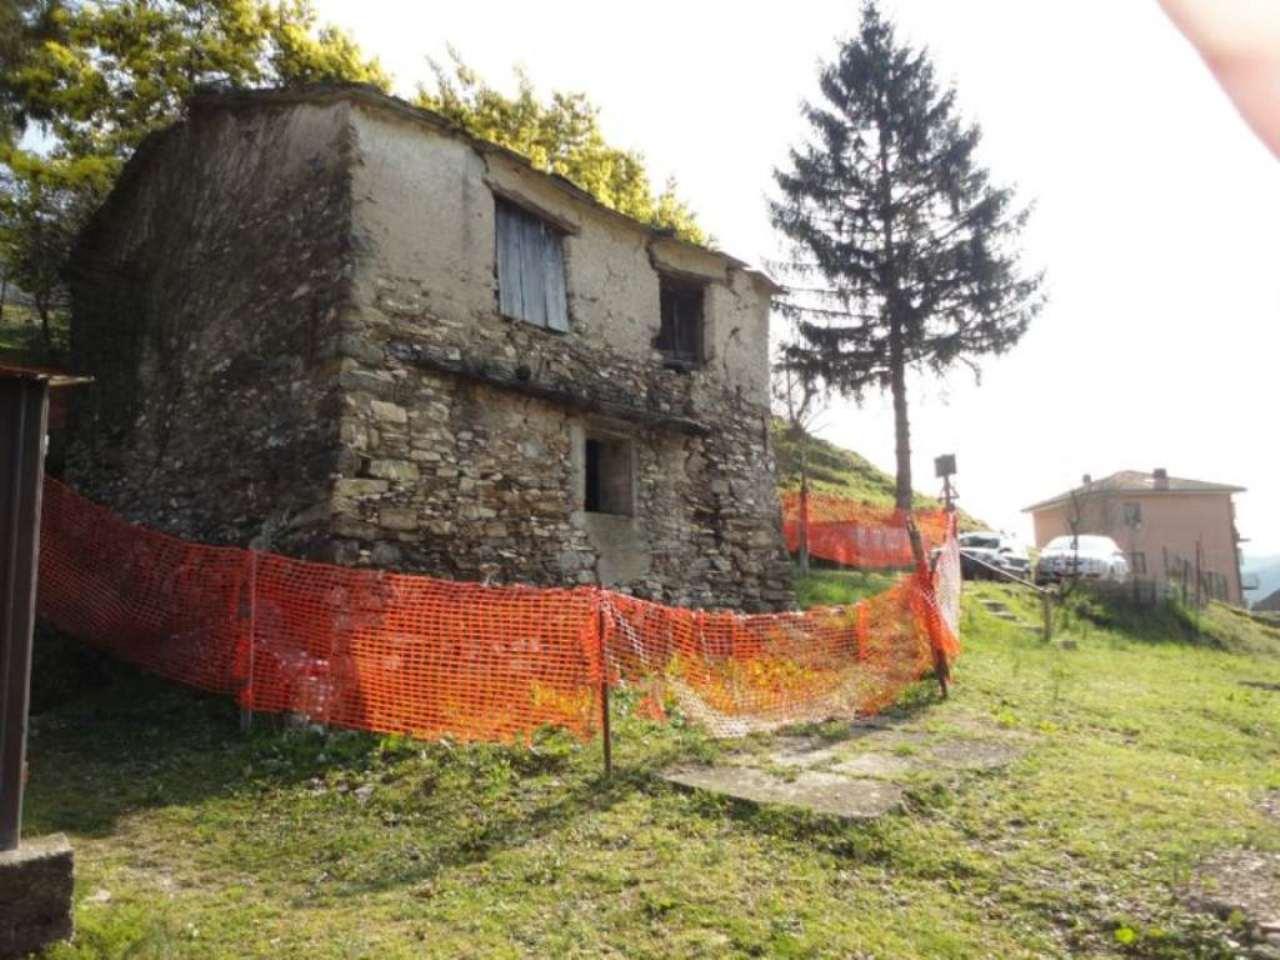 Rustico / Casale in vendita a Lumarzo, 5 locali, prezzo € 45.000 | Cambio Casa.it